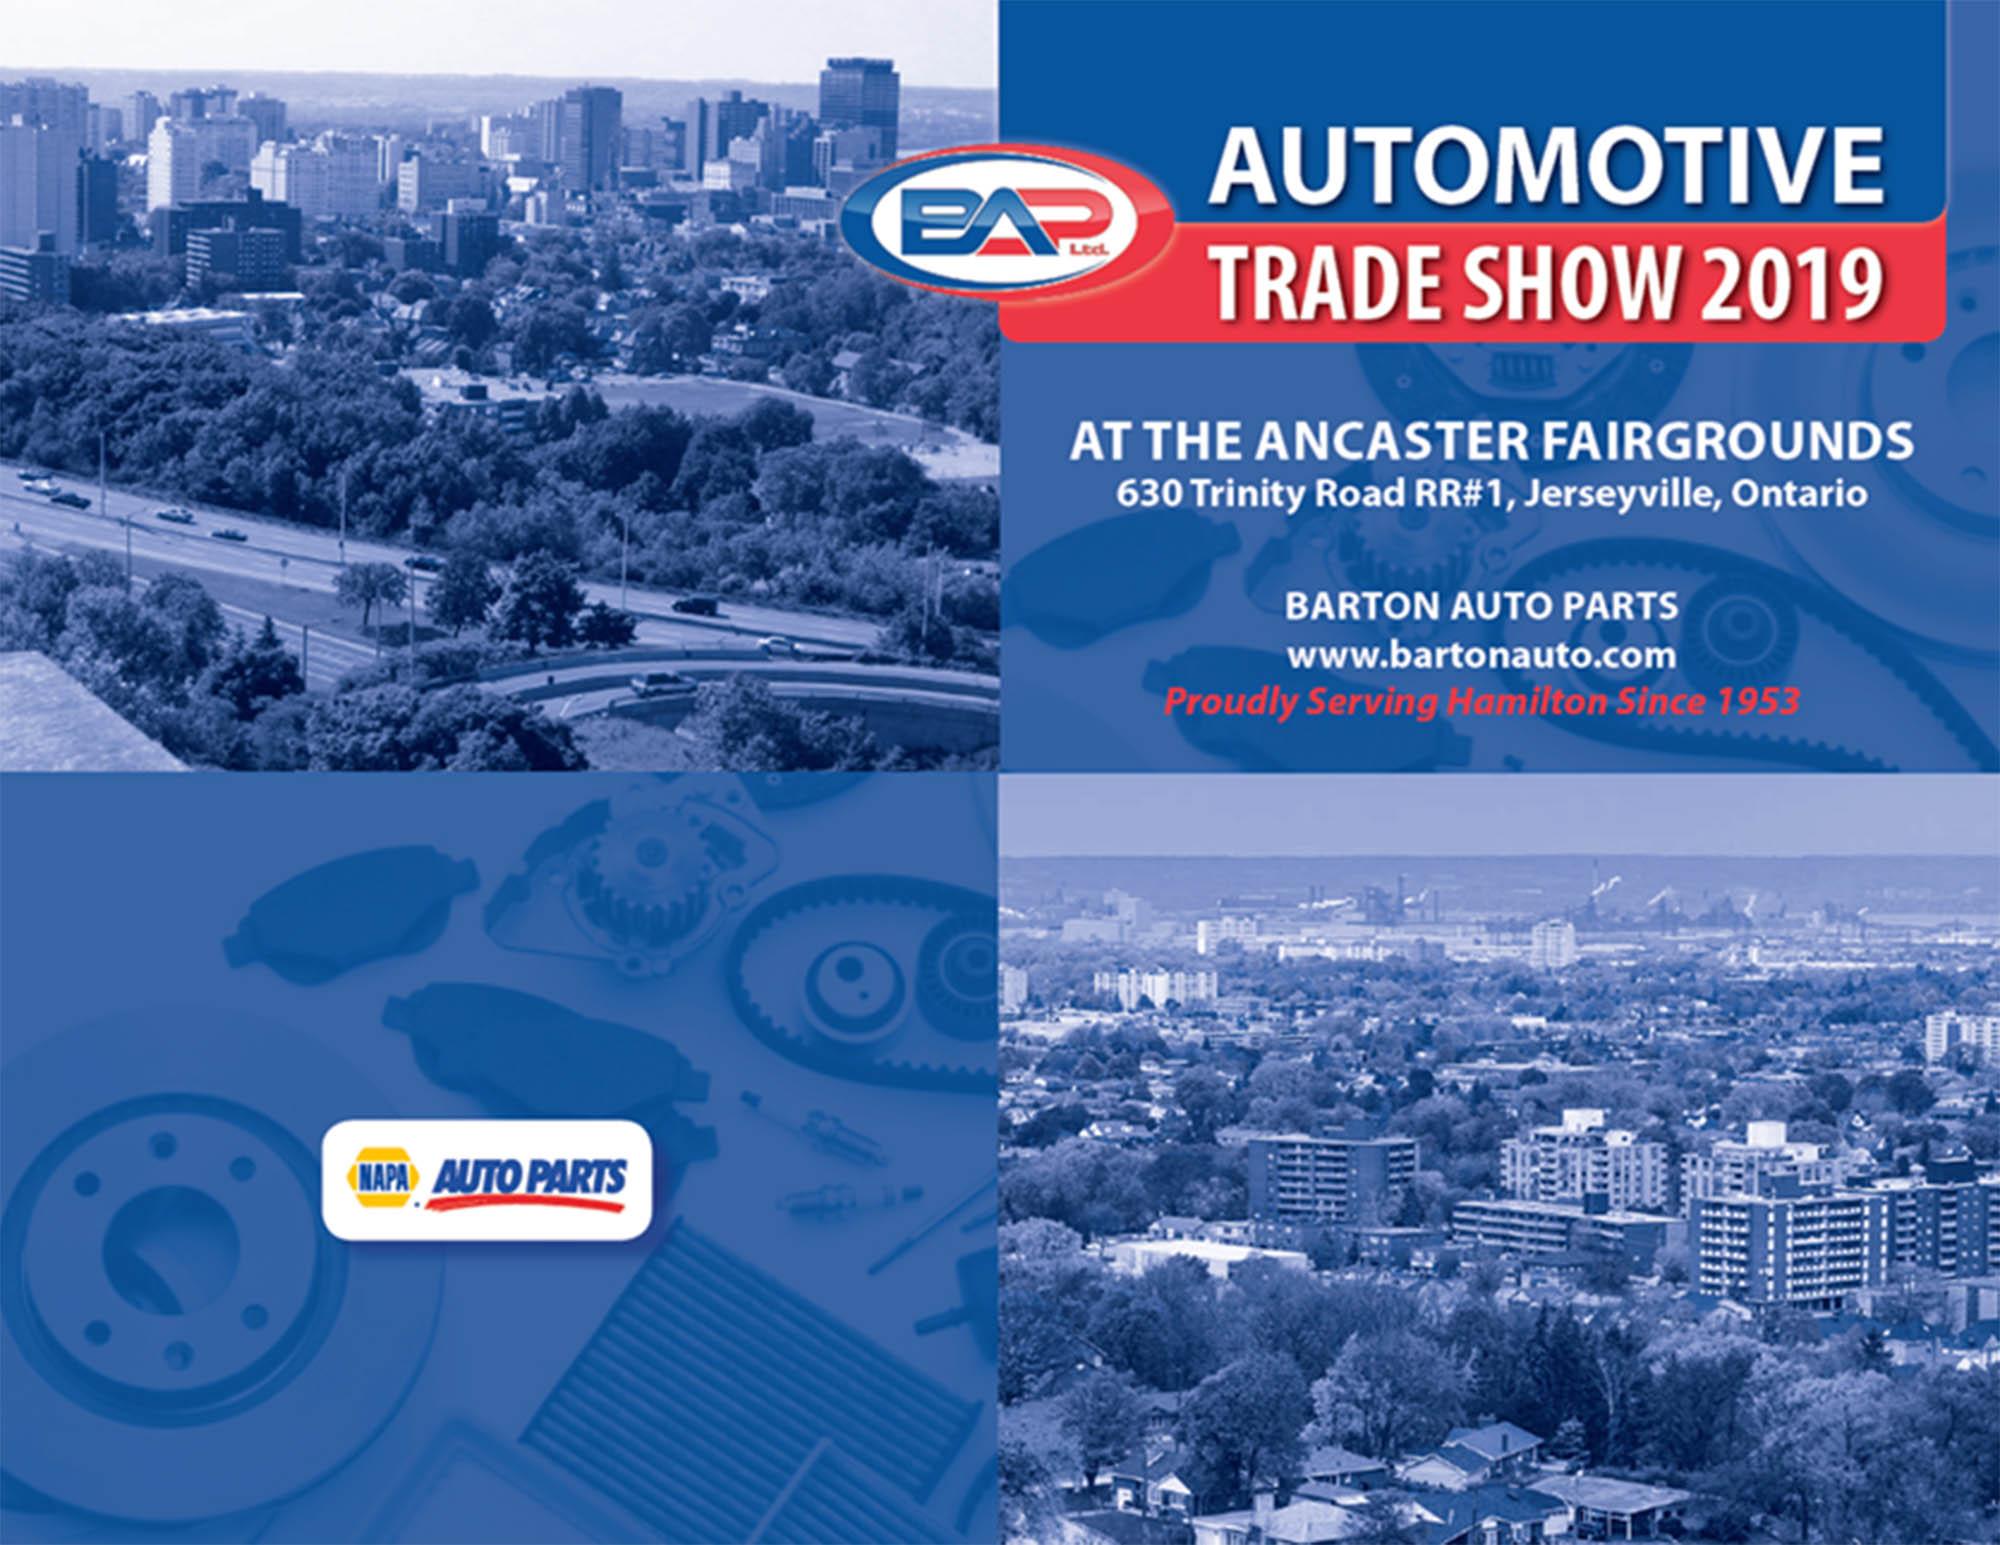 2019 04 22-Barton-Auto-Trade-Show-Graphic-2000 - Barton Auto